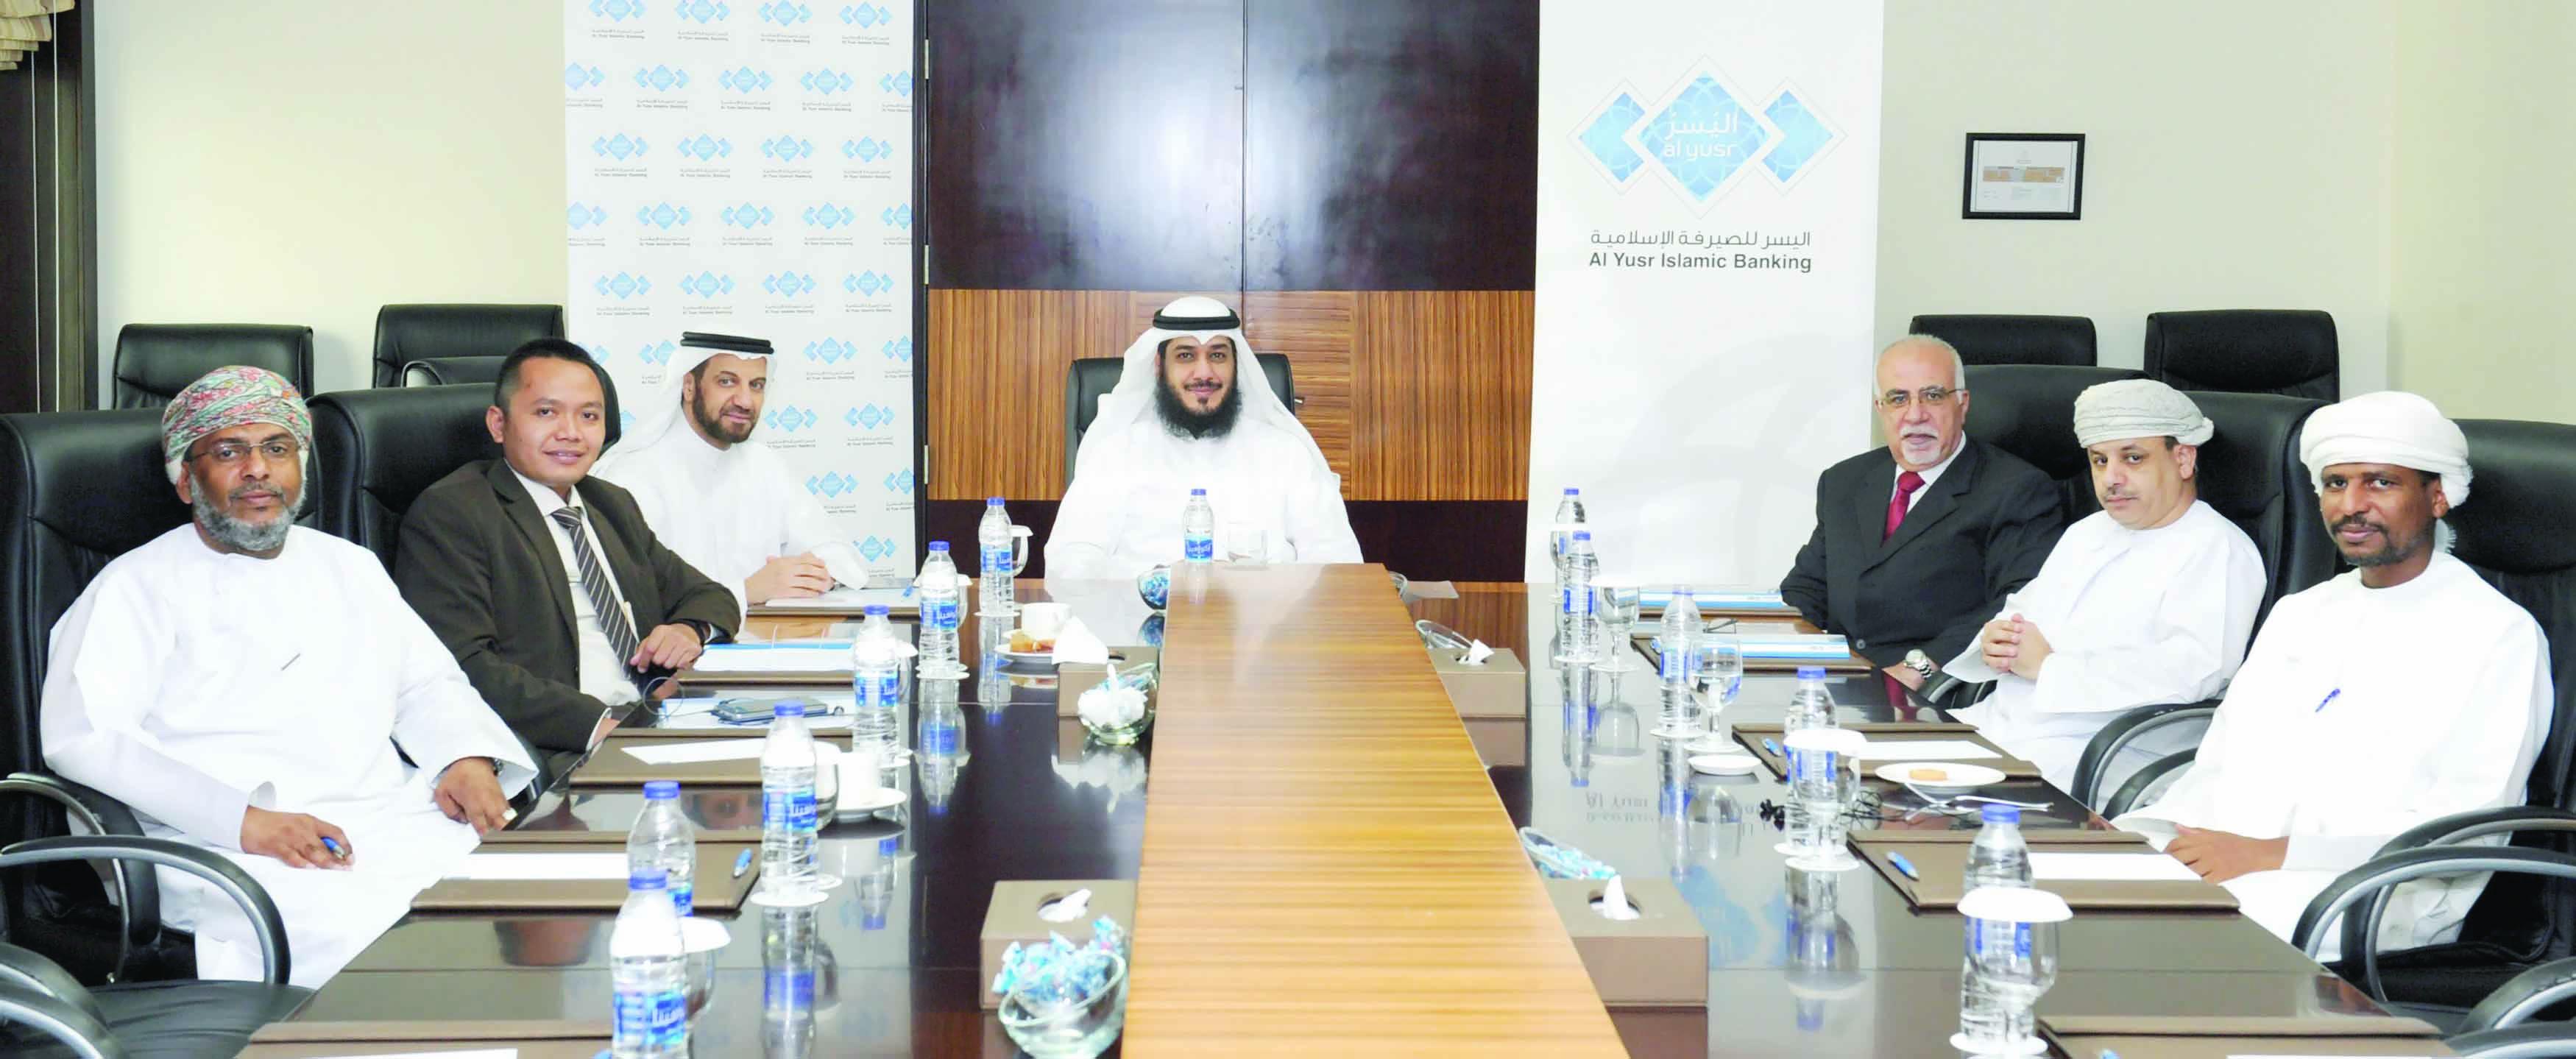 الهيئة الشرعية لنافذة اليسر تعقد اجتماعها الثاني لعام 2017